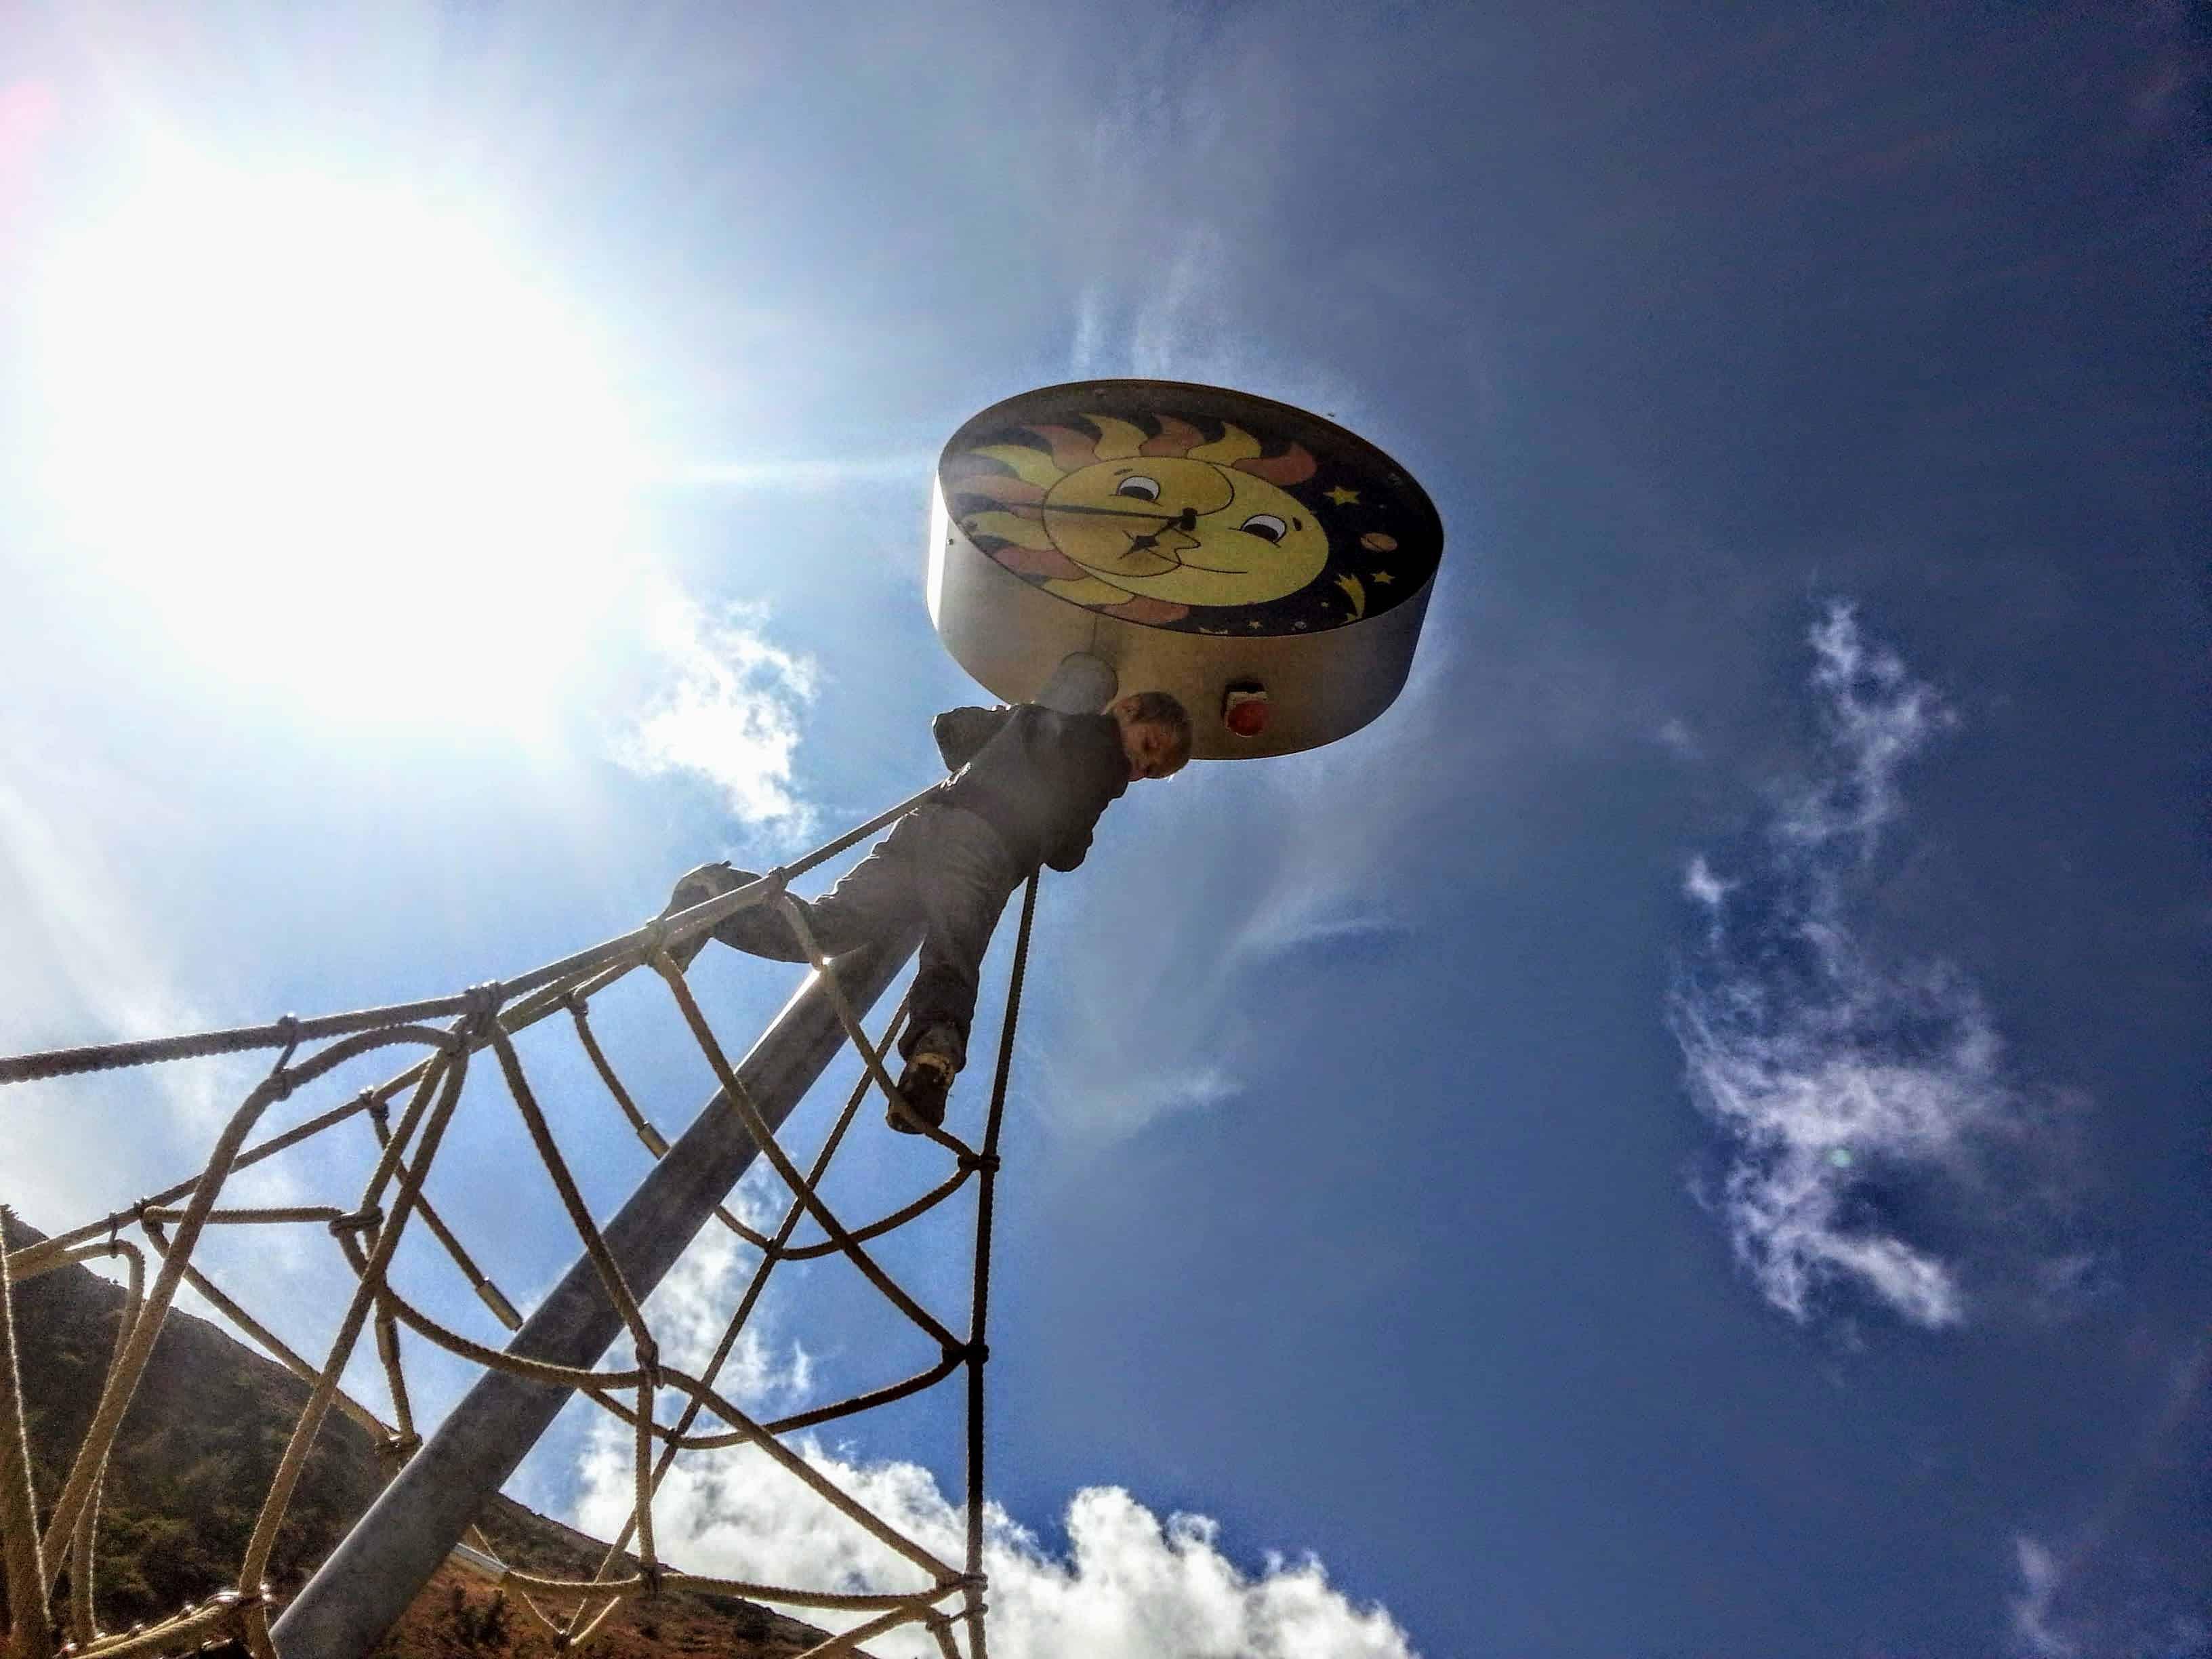 Kind klettert auf Seilen im Kinder-Erlebnisspielplatz Nocky's Almzeit auf der Turracher Höhe in Kärnten, südlichstes Bundesland Österreich